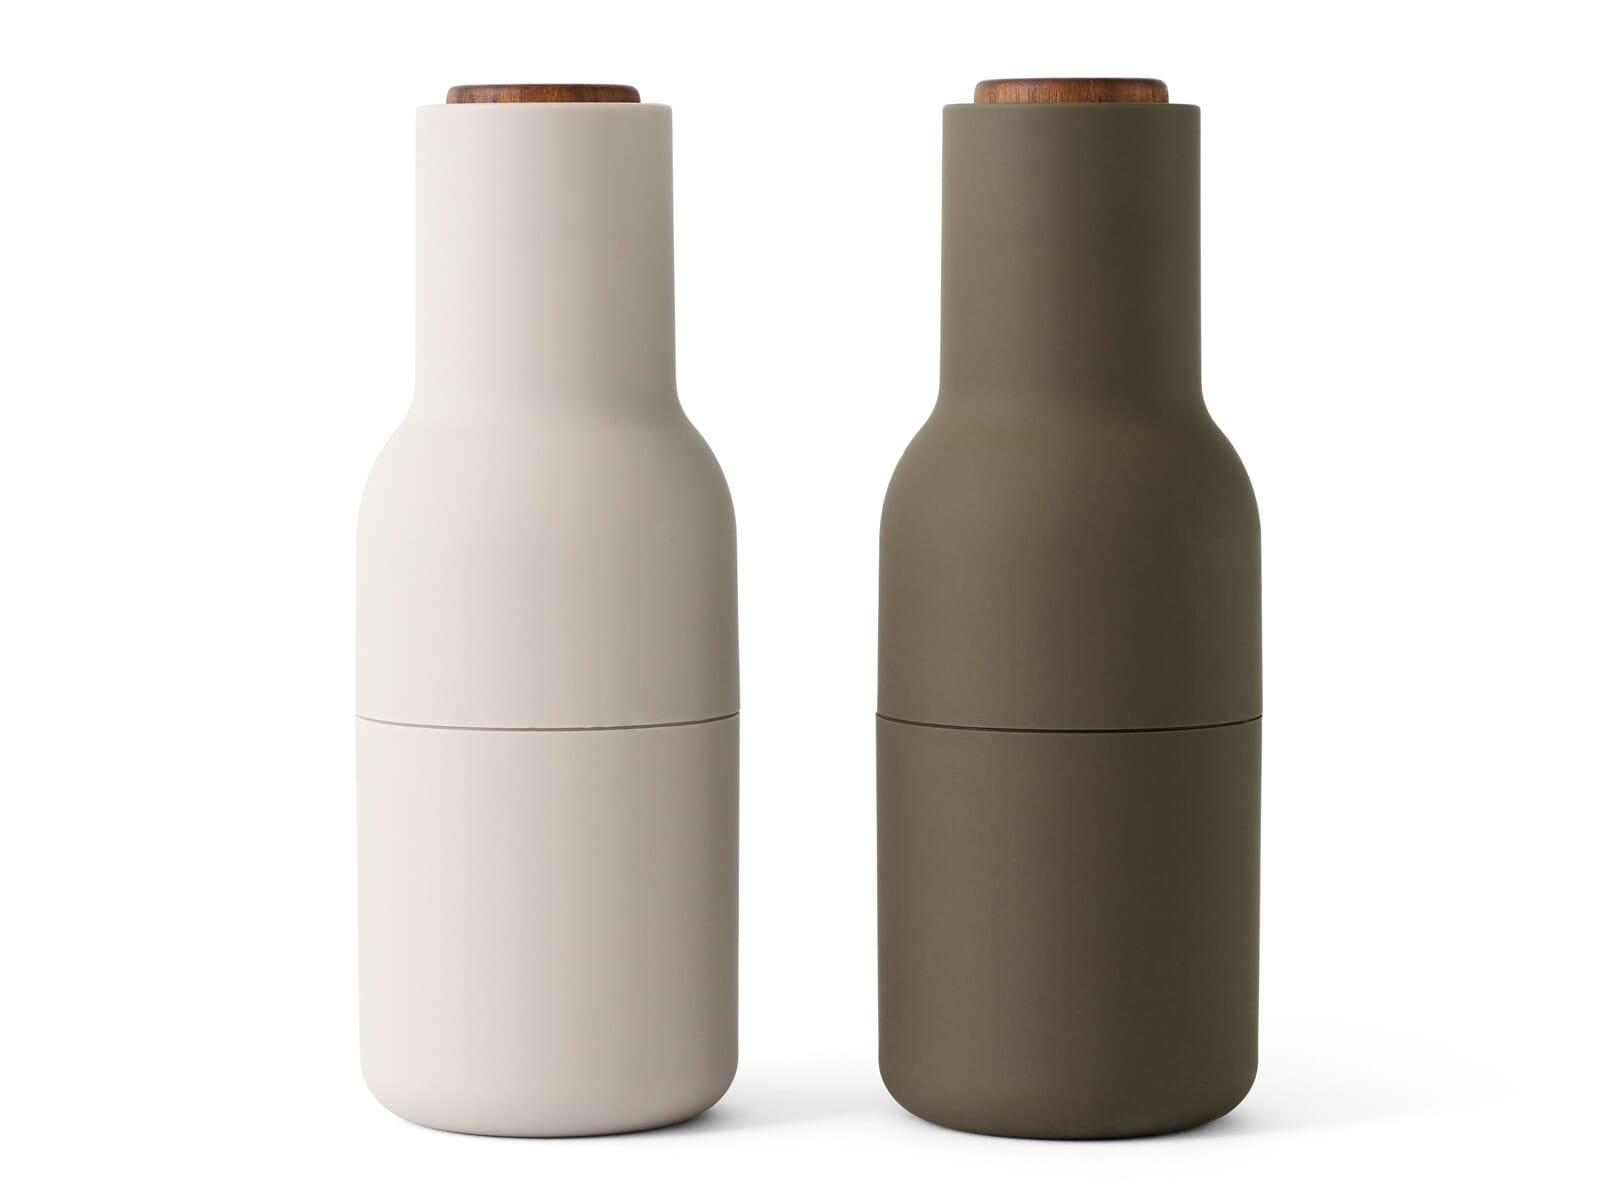 Menu 4415459  BottleGrinder - Salz-/Pfeffermühle Hunting Green/Beige